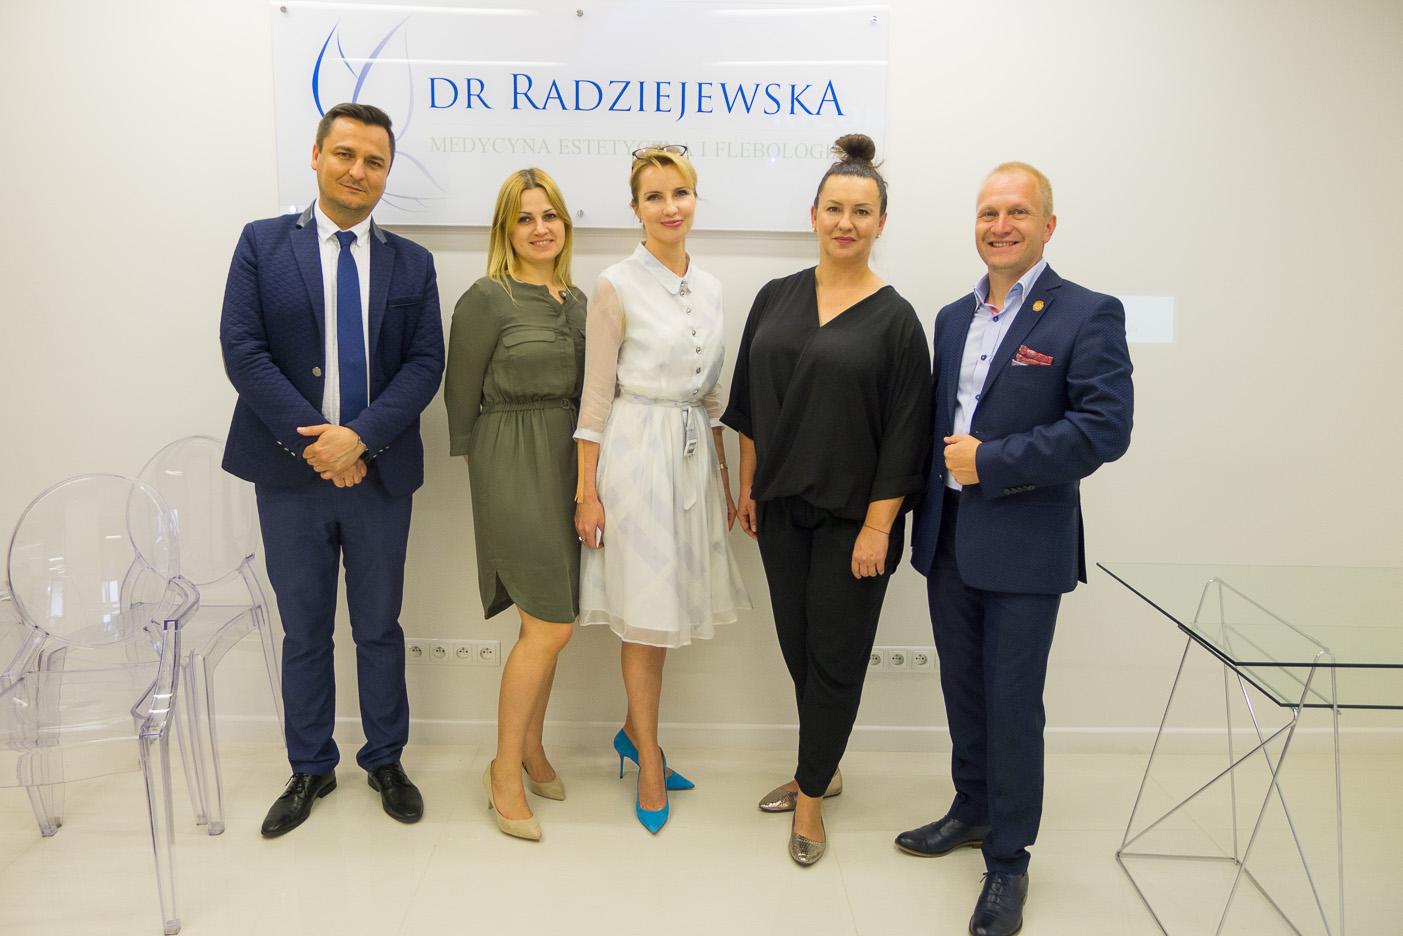 Spotkanie prasowe w klinice dr Radziejewskiej: Holistyczne podejście do medycyny estetycznej